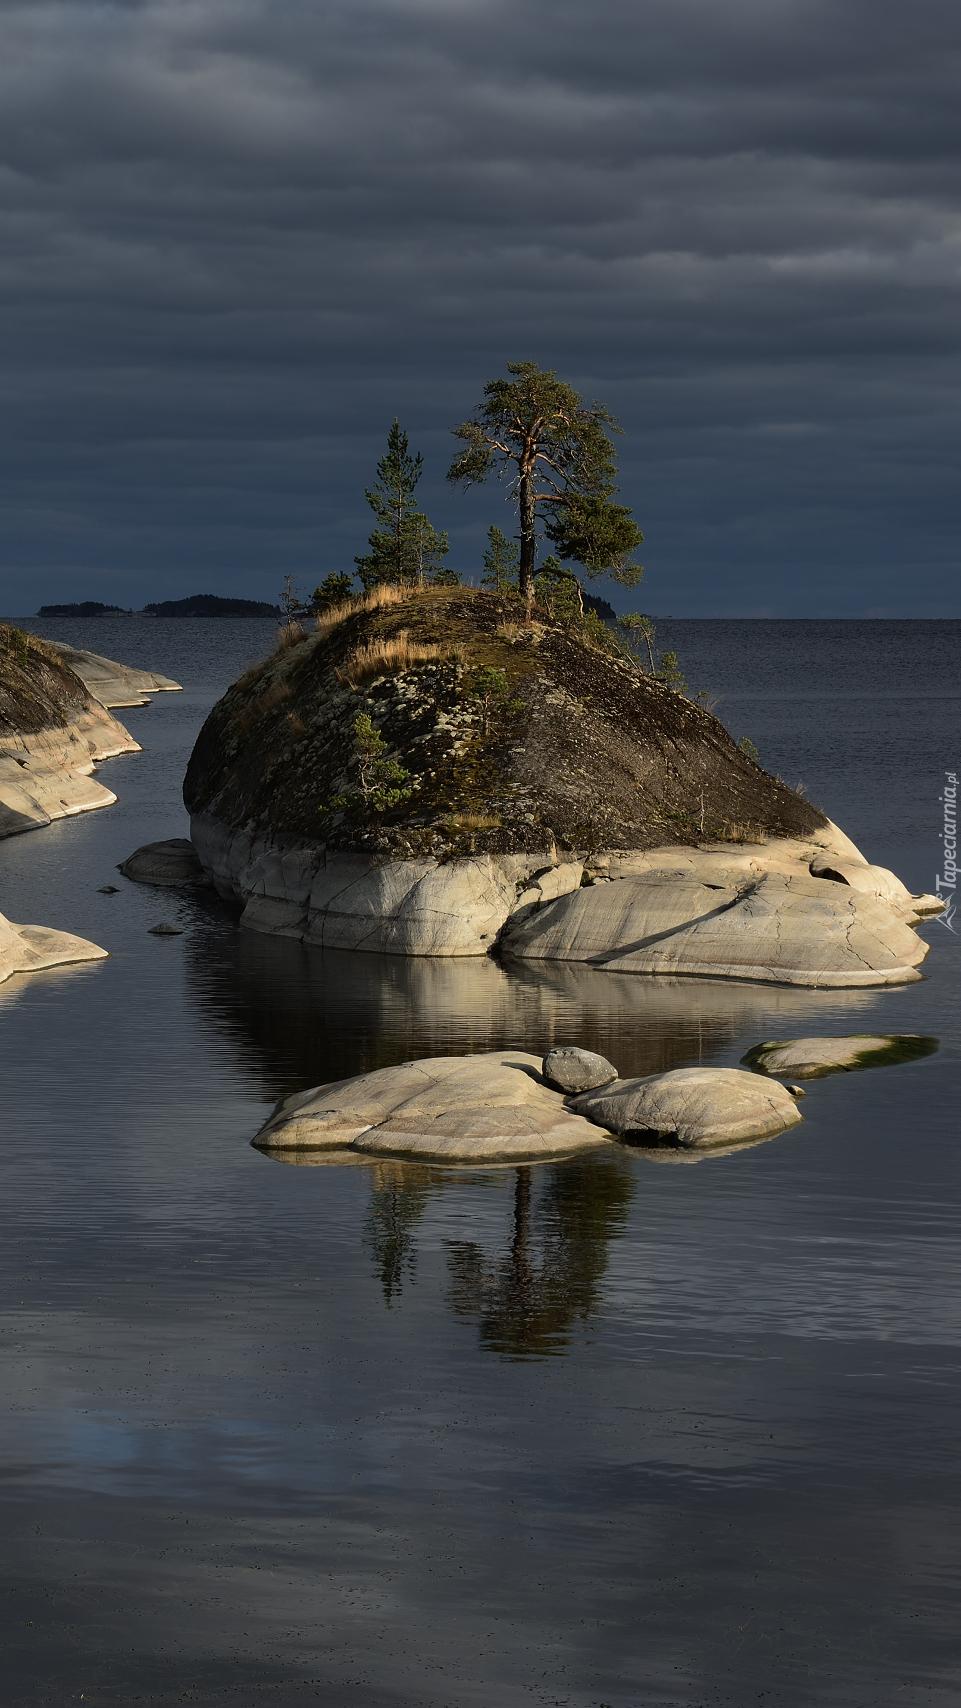 Skalna wysepka na jeziorze Ładoga